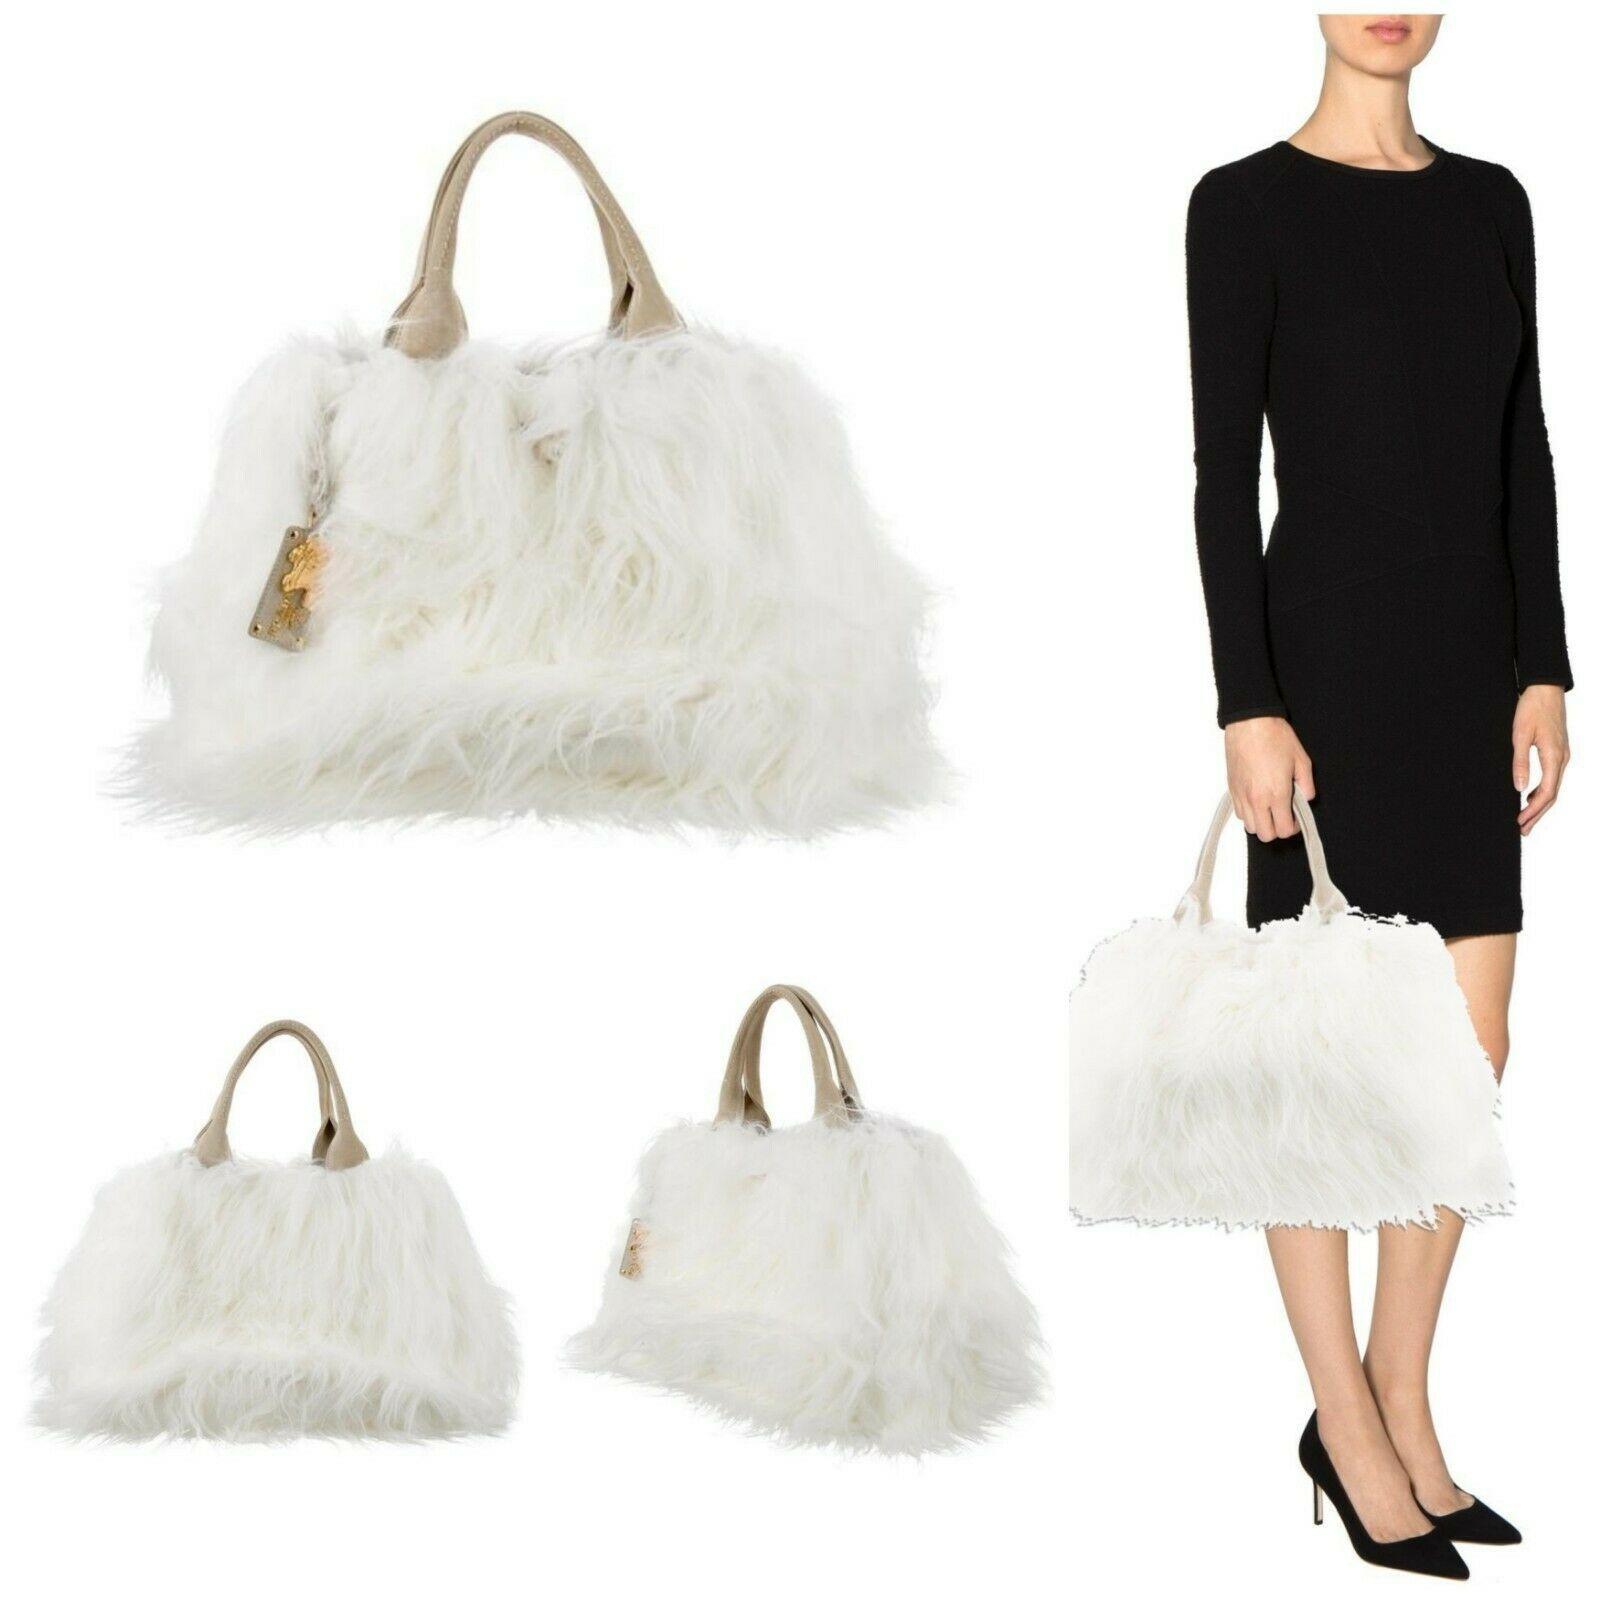 ef5ecabfd467 PRADA Womens Hand Bag Brand New Eco Kidassia Shoulder Bag MSRP ...